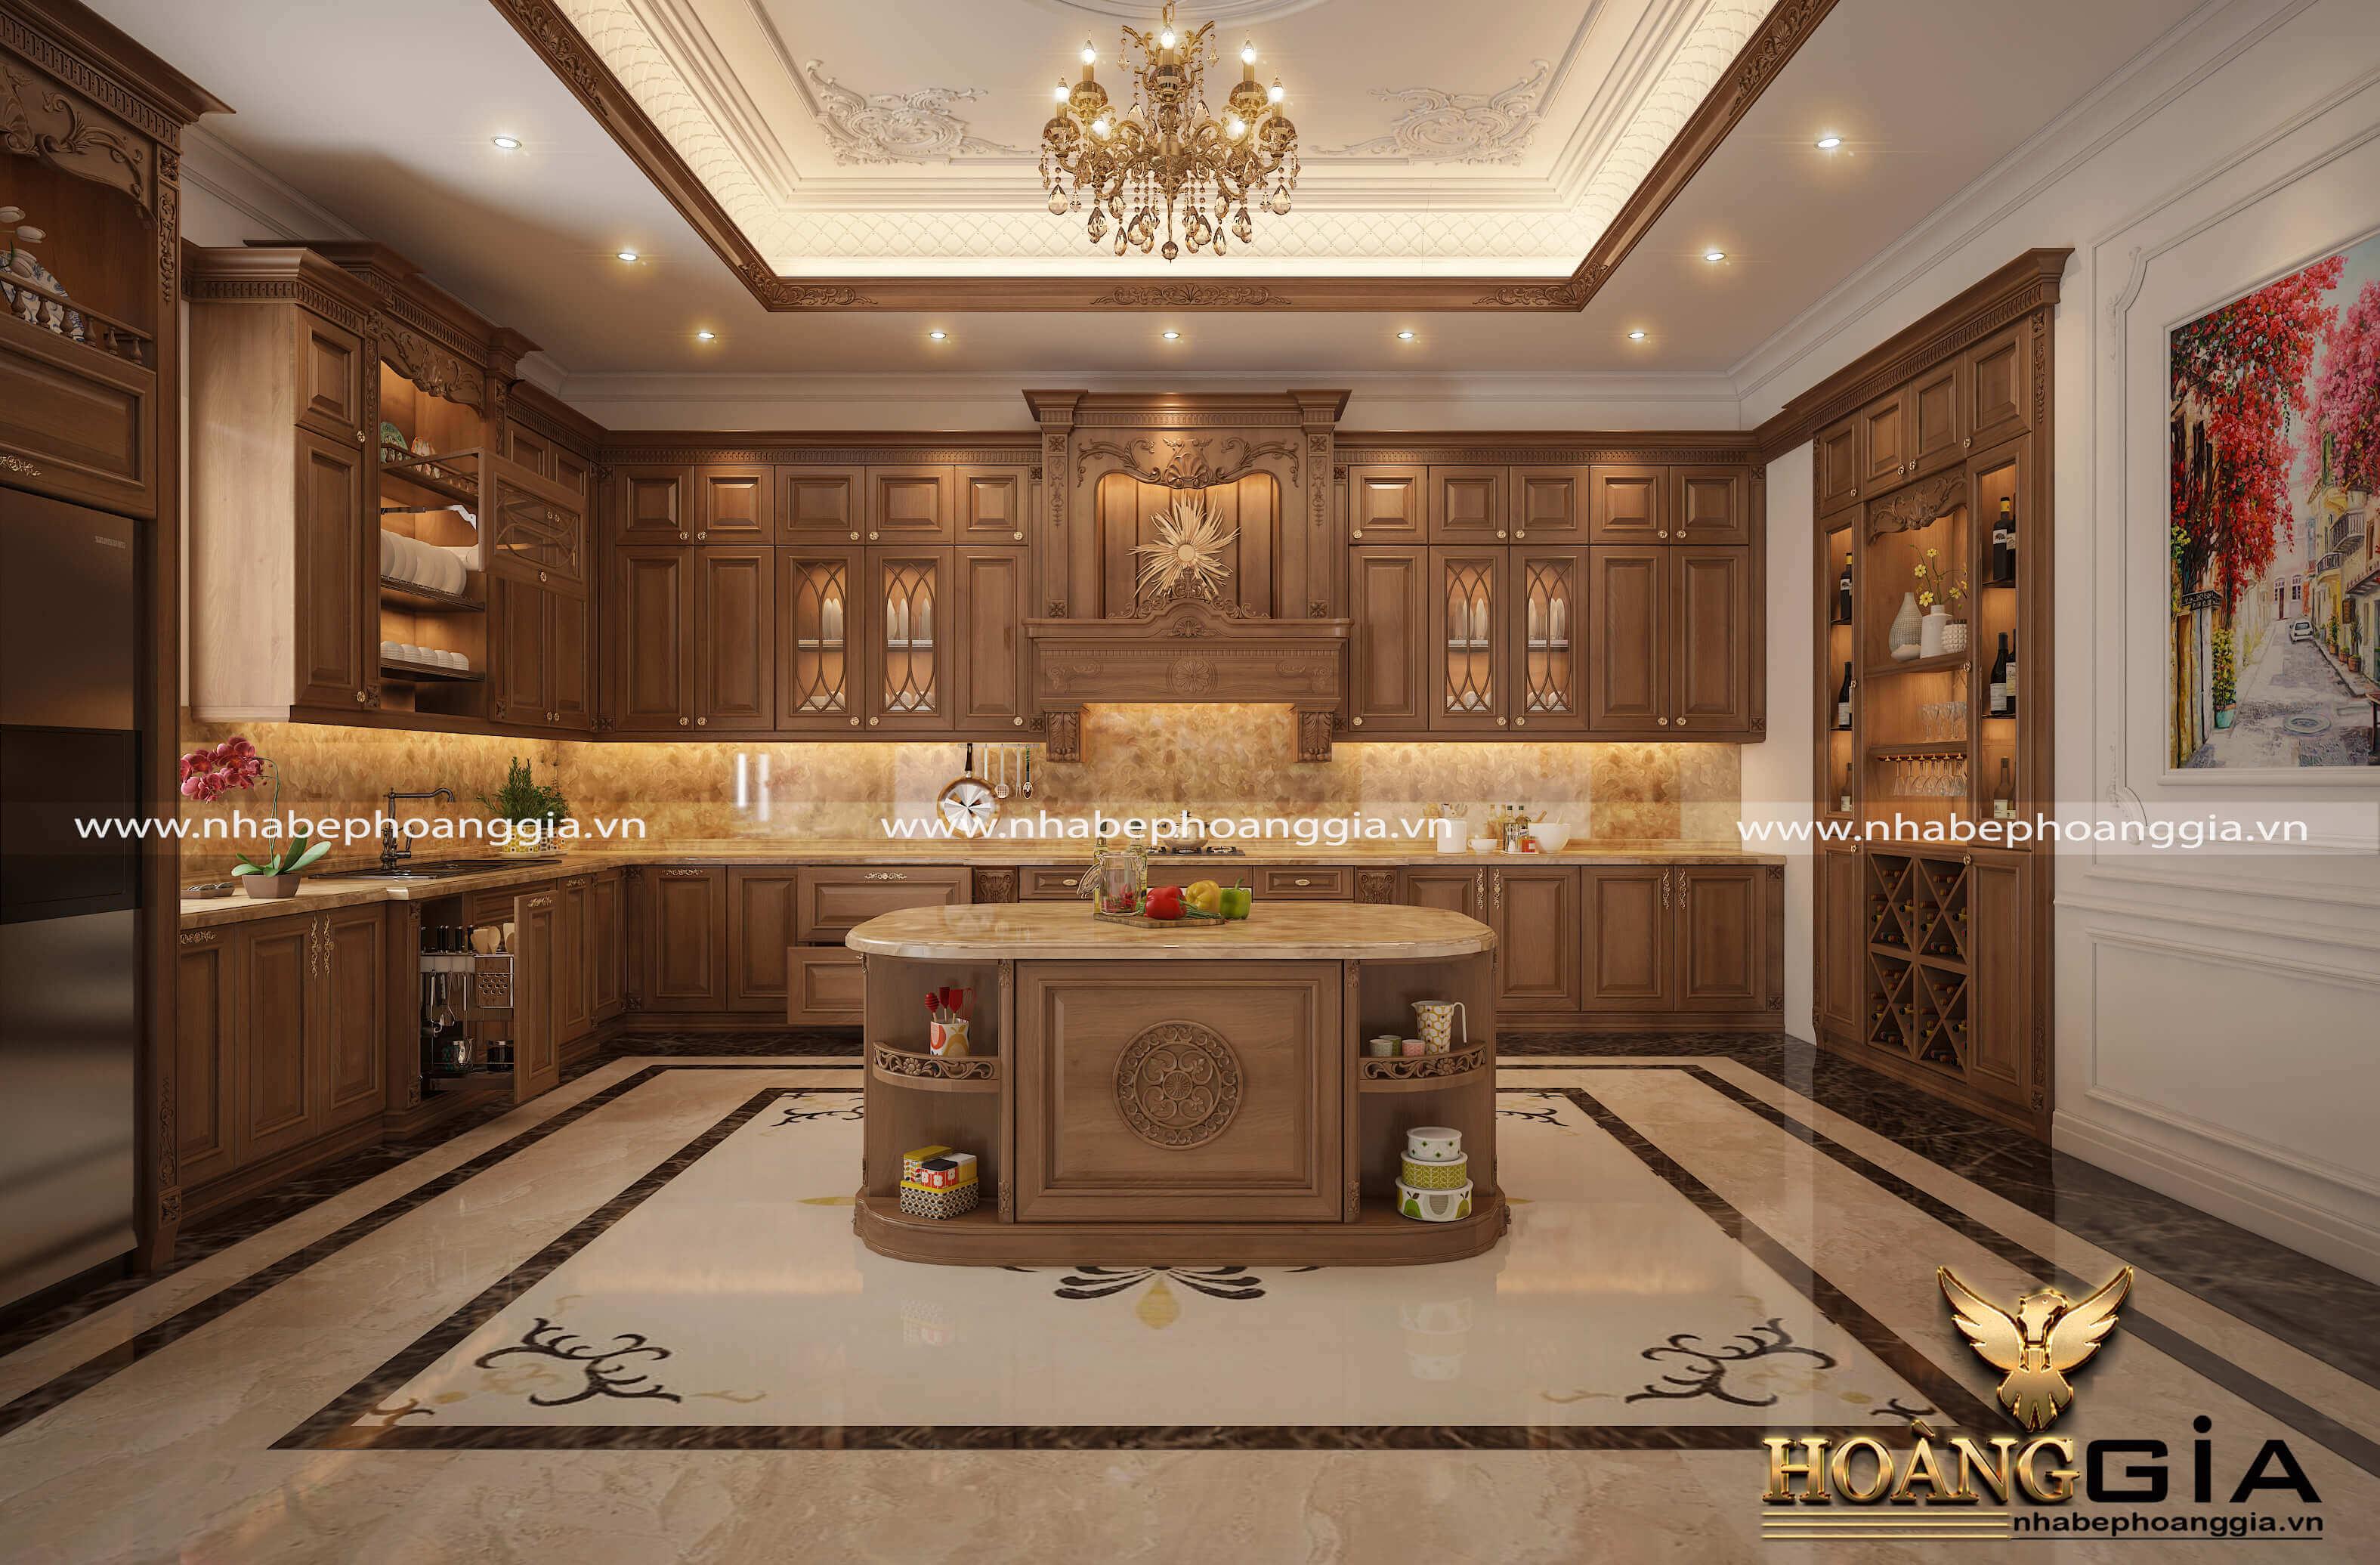 mẫu thiết kế nhà bếp đẹp nhất